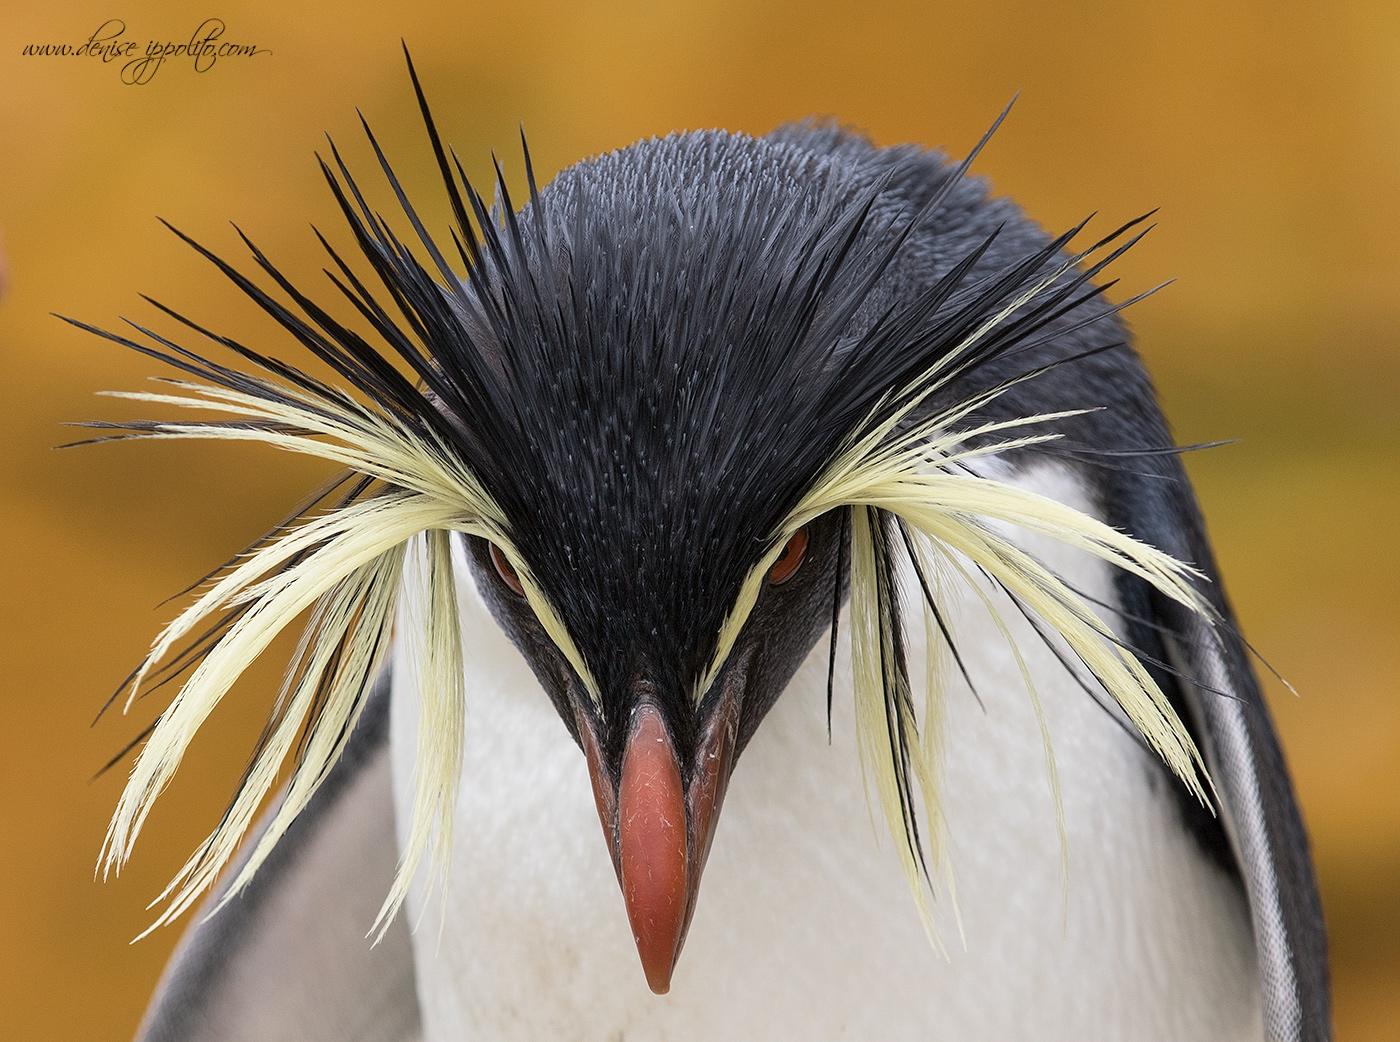 Rockhopper penguin in the Falklands